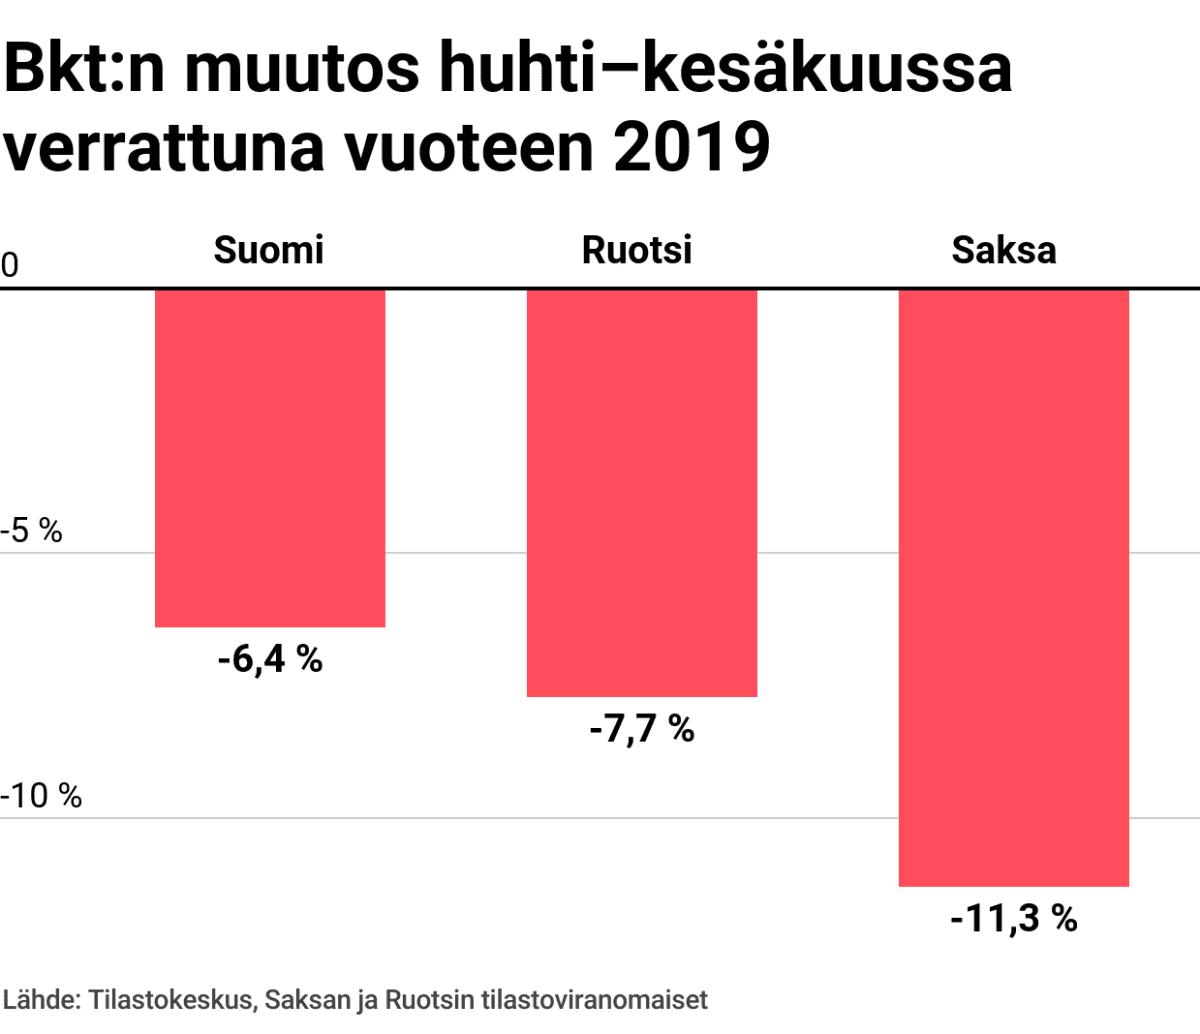 Bkt:n muutos huhti-kesäkuussa verrattuna vuoteen 2019: Suomi, Ruotsi ja Saksa